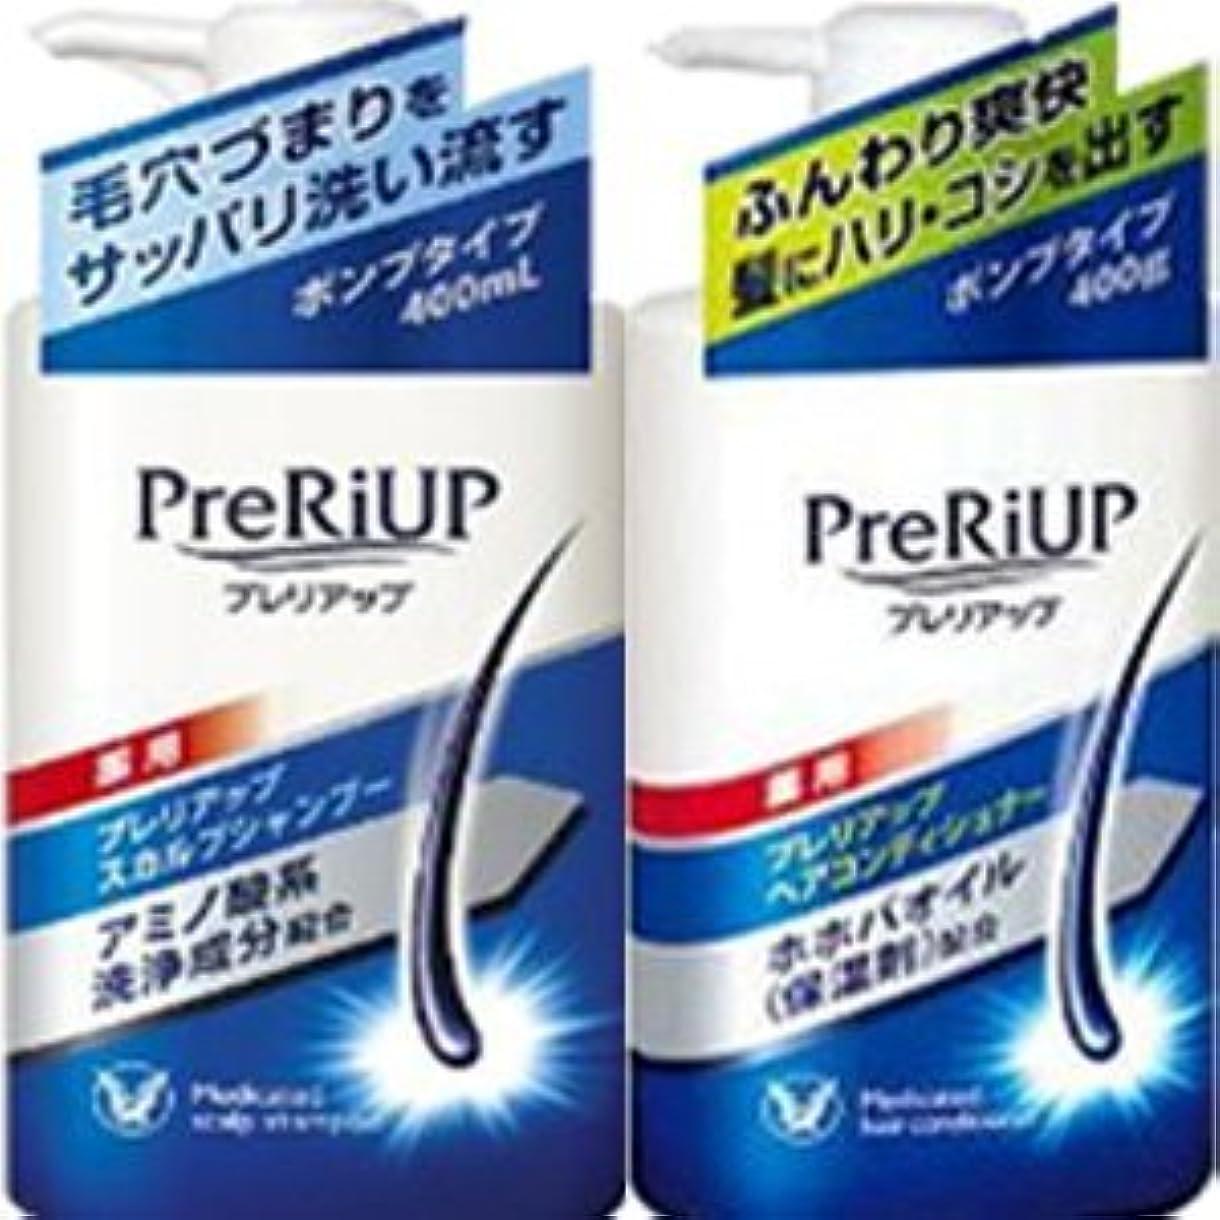 瞳水っぽいアプローチ大正製薬 プレリアップ スカルプシャンプー+コンディショナー 本体ポンプ各400mlペアセット